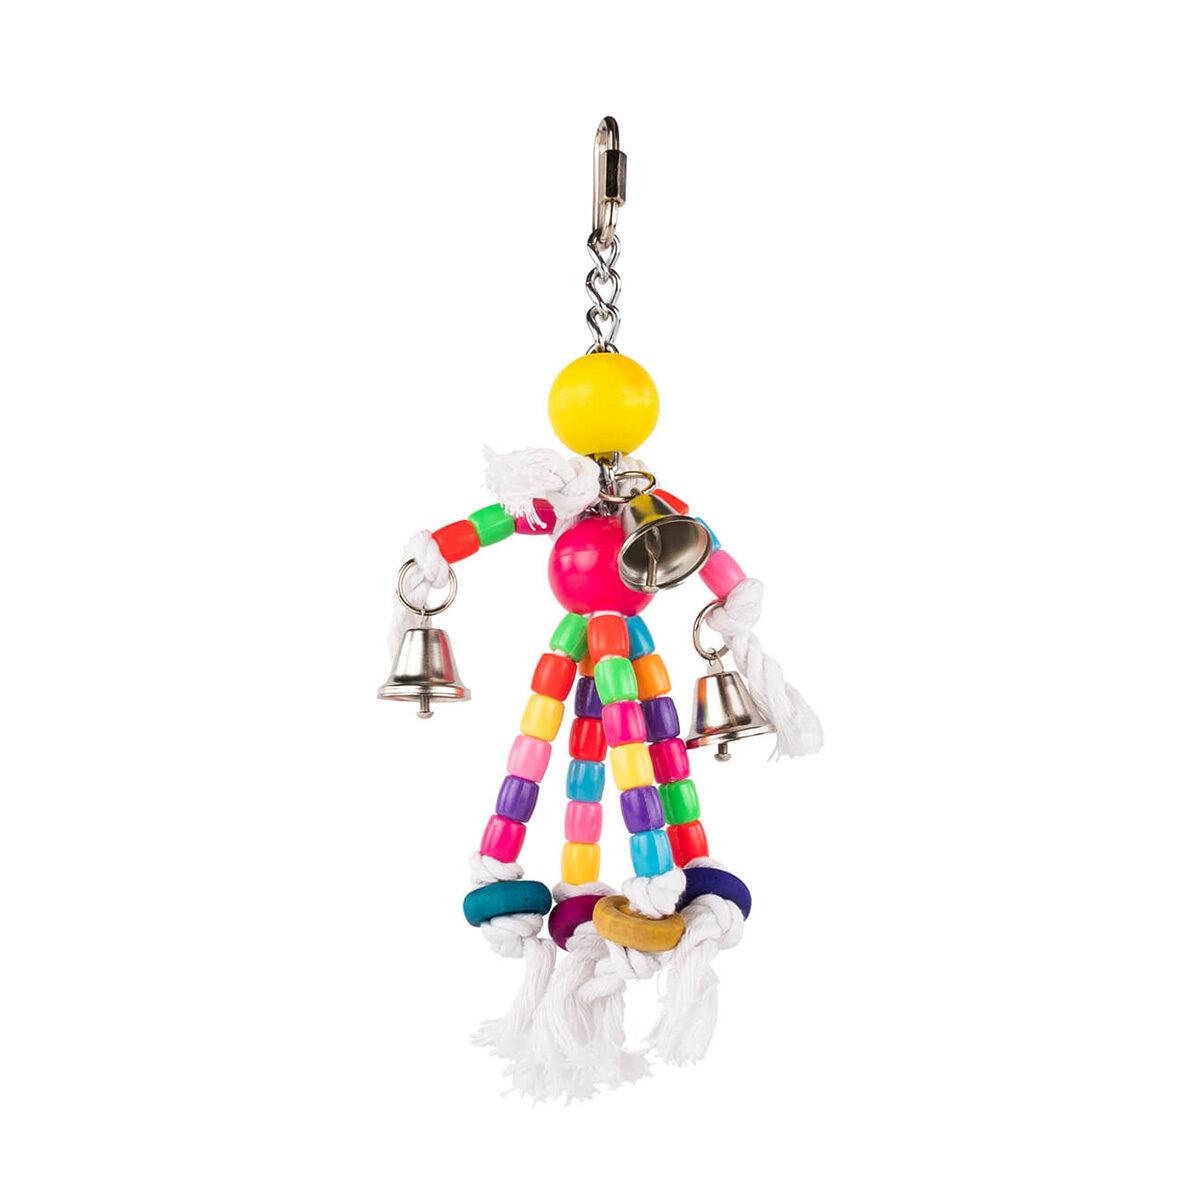 Vogelspeelgoed Plastic Kralen met 4 Katoen en Bel 24 cm